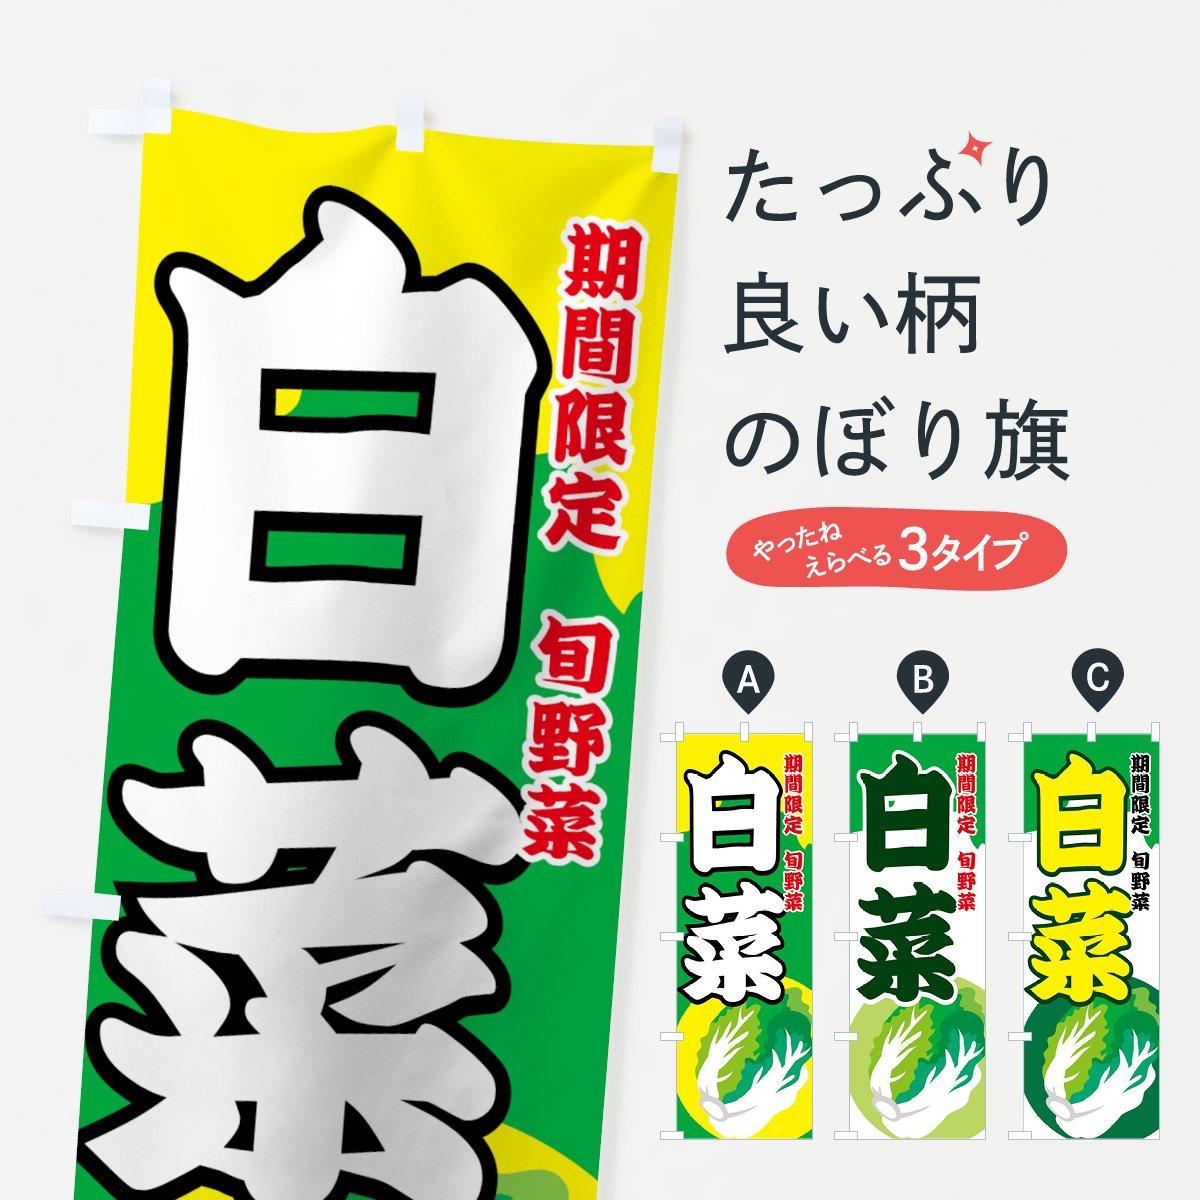 白菜のぼり旗【期間限定 旬野菜】[野菜直売所]